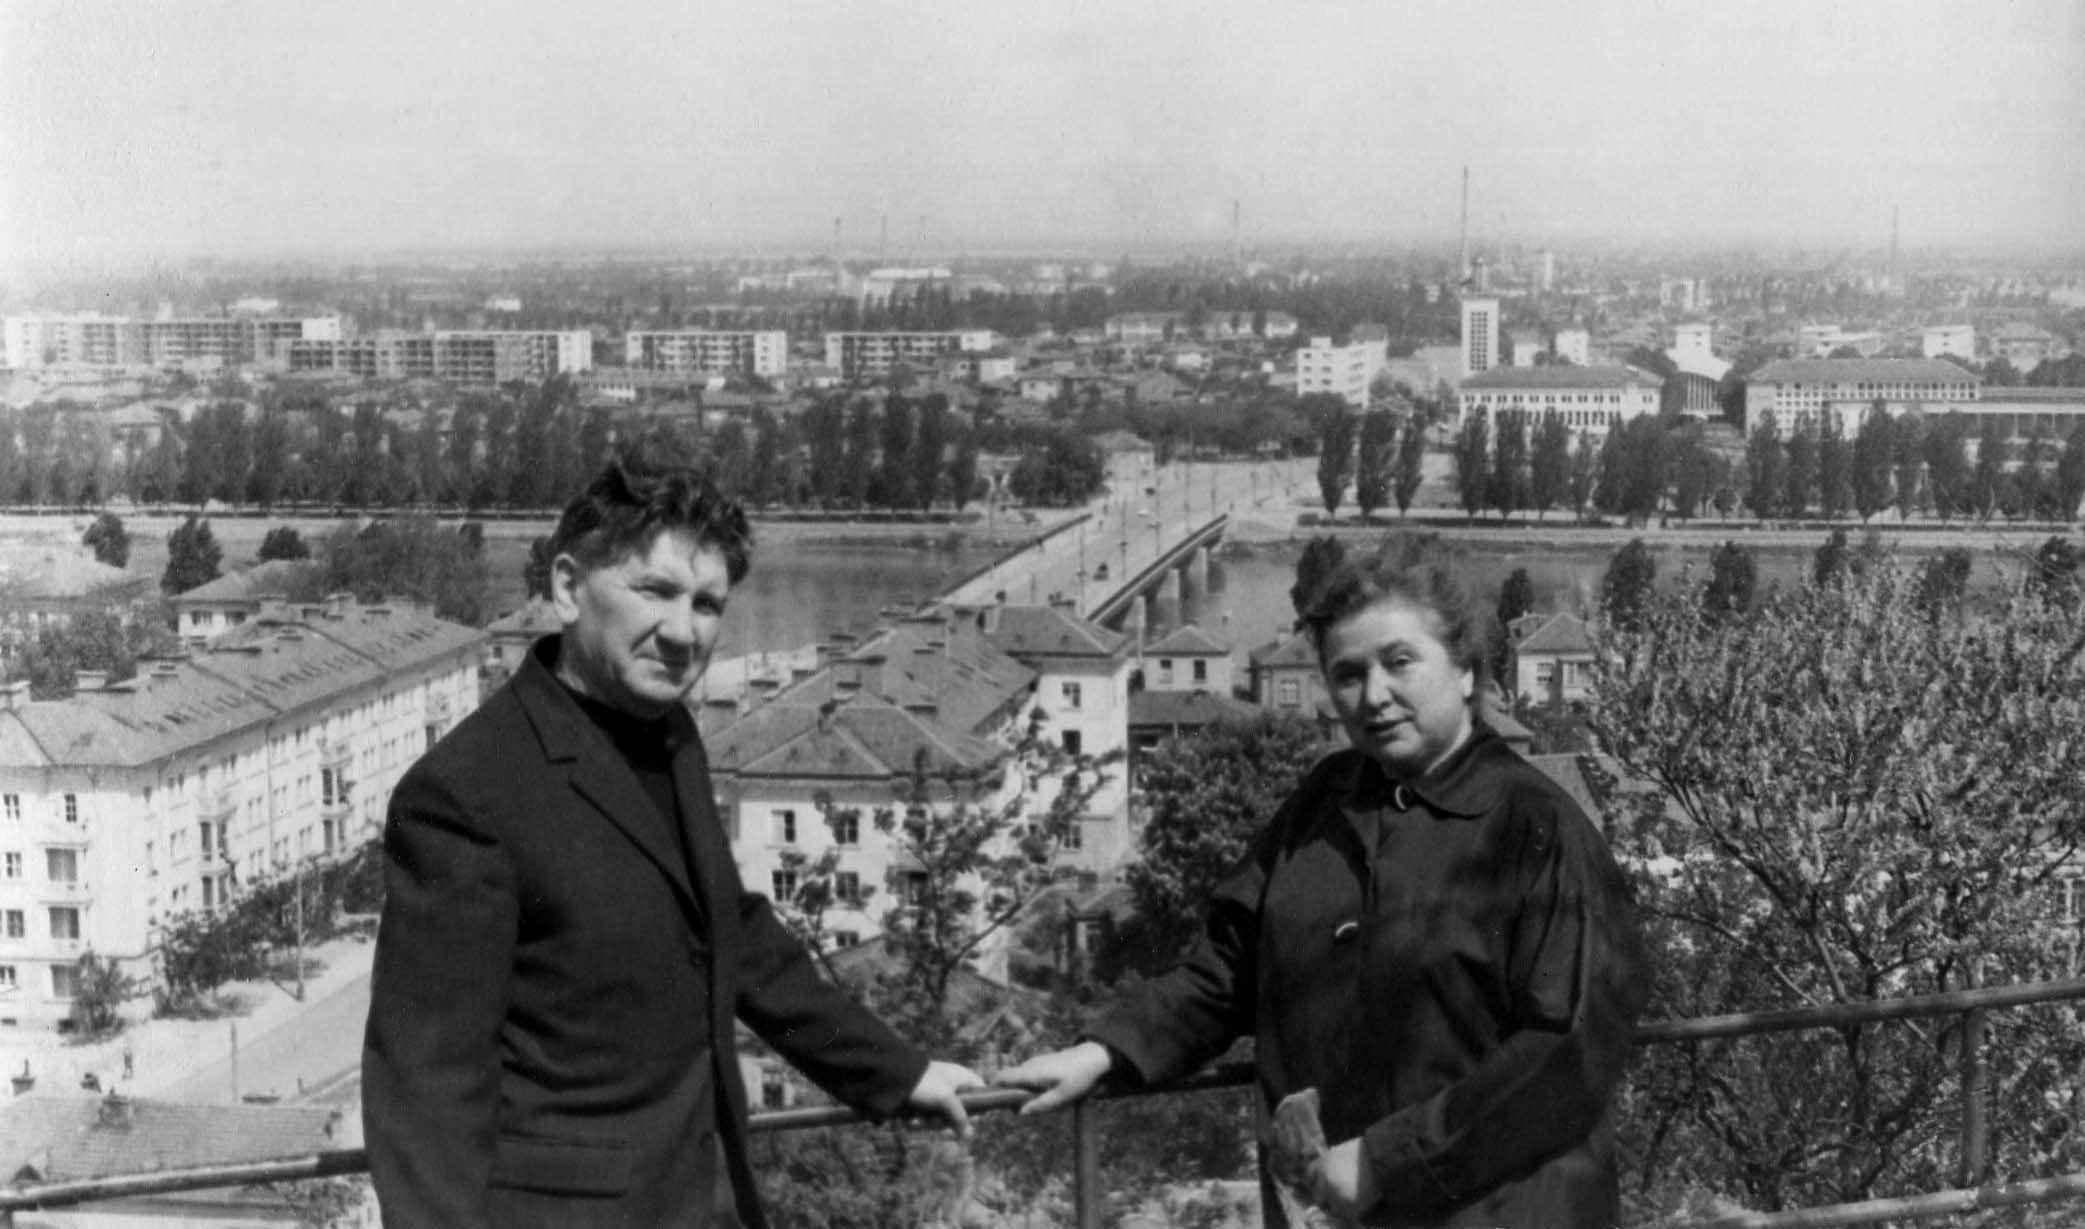 Экспонат #20. С женой Ниной Кудрявцевой в Болгарие. 1964 год